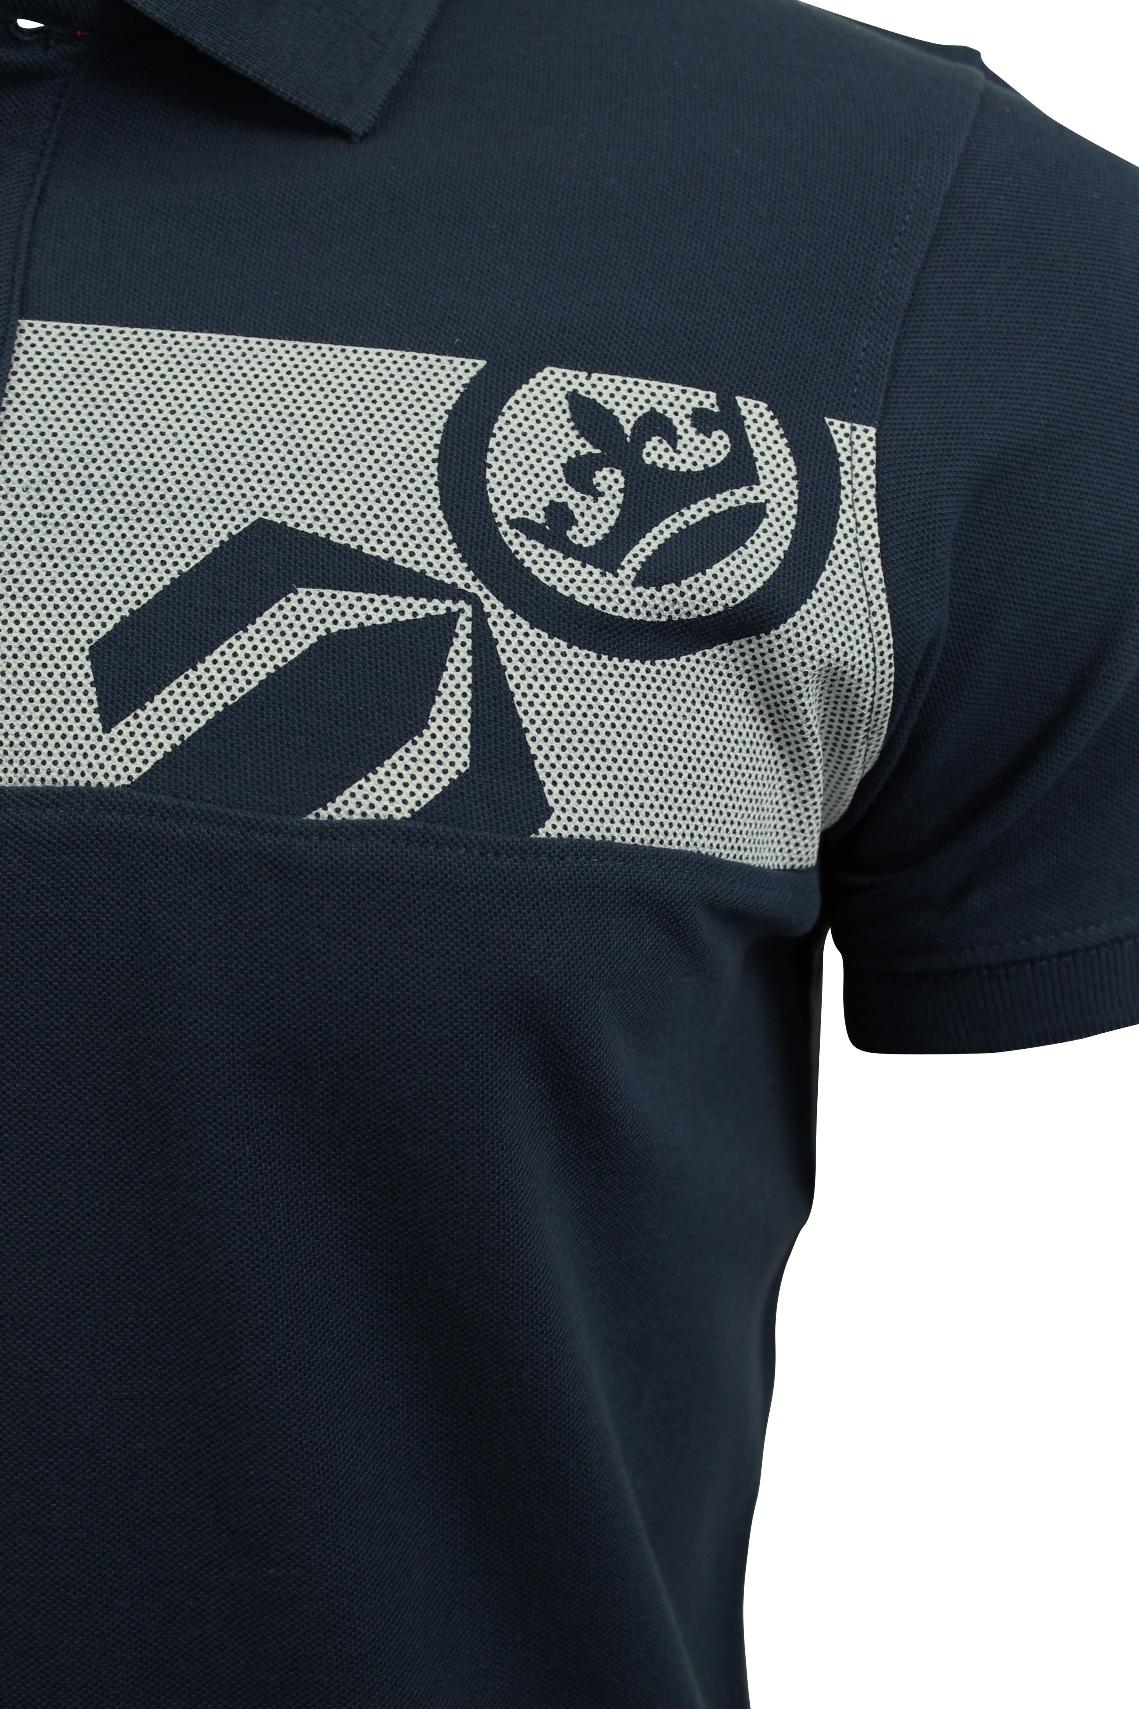 Camisa-Polo-Para-Hombre-De-Crosshatch-039-matriz-de-dos-Manga-corta-039 miniatura 7